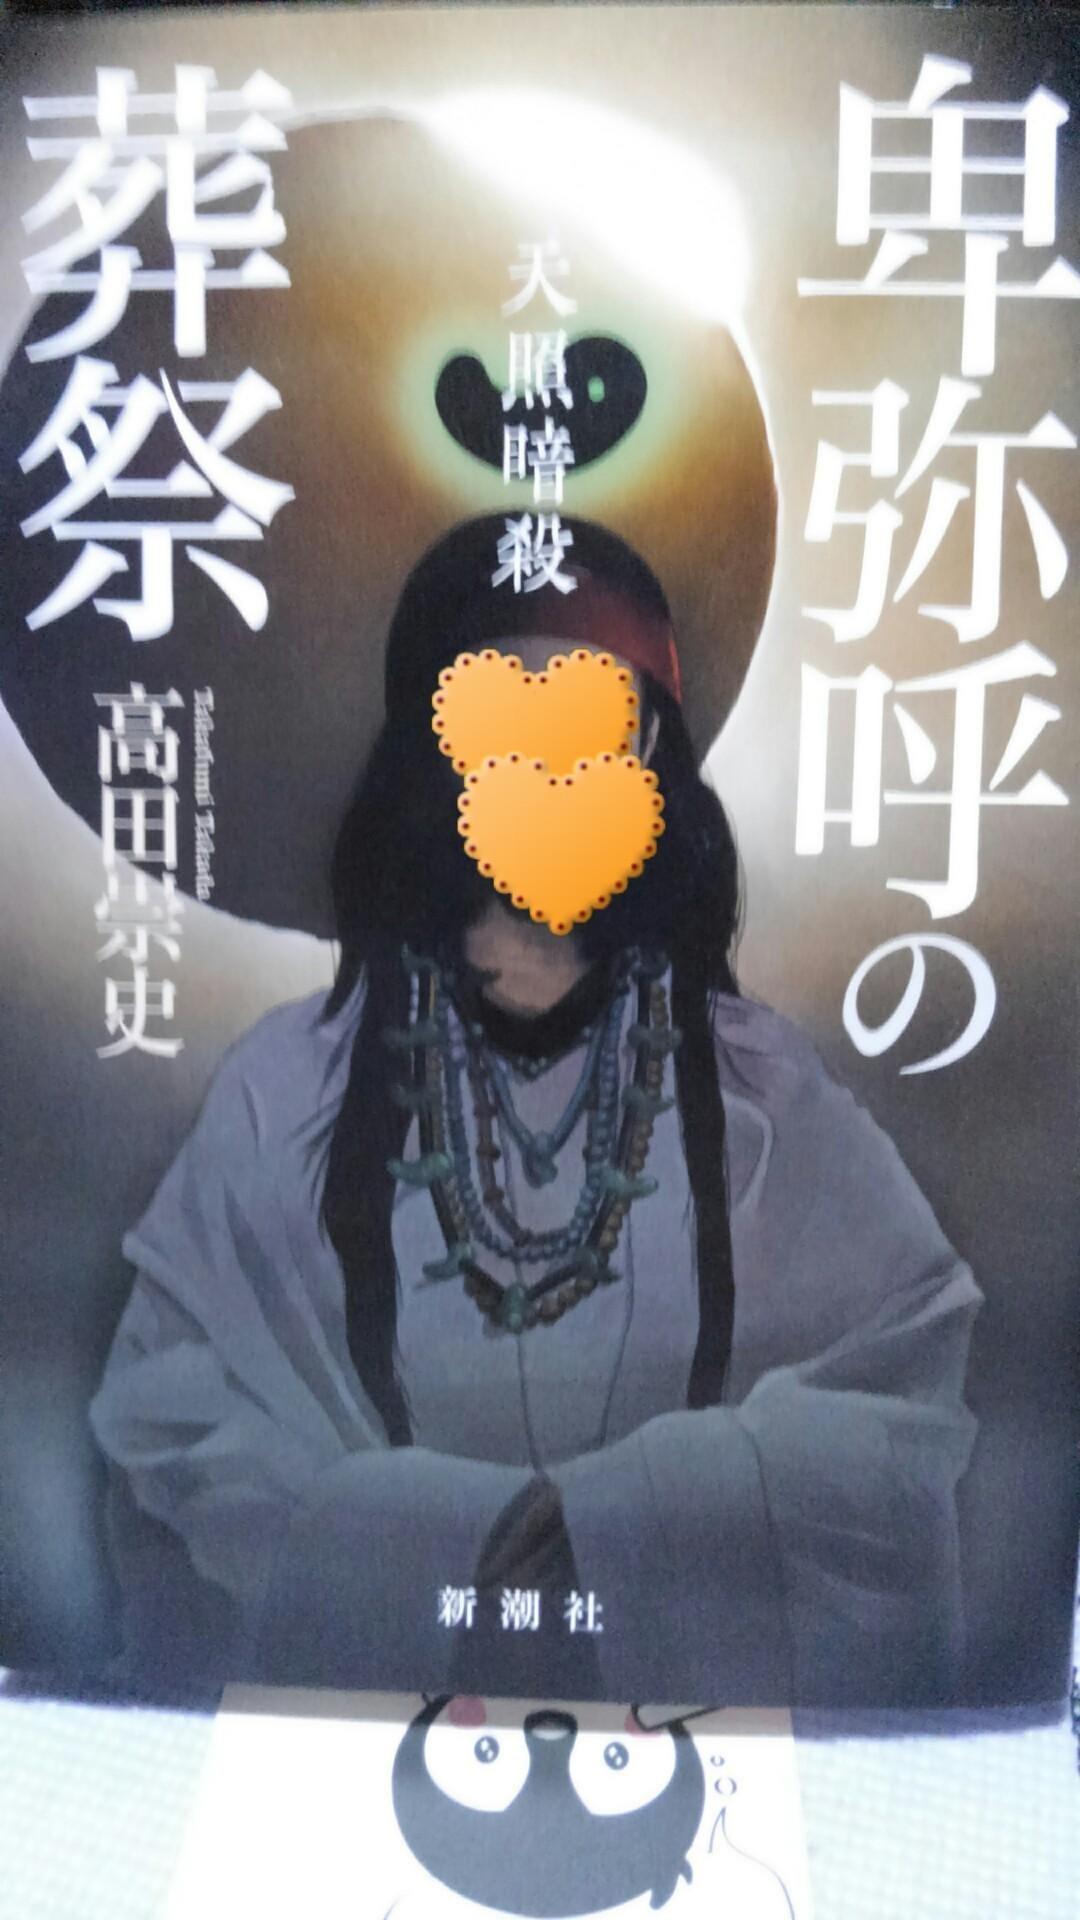 「うーうーチャイルド」01/22(火) 18:54   徳川の写メ・風俗動画